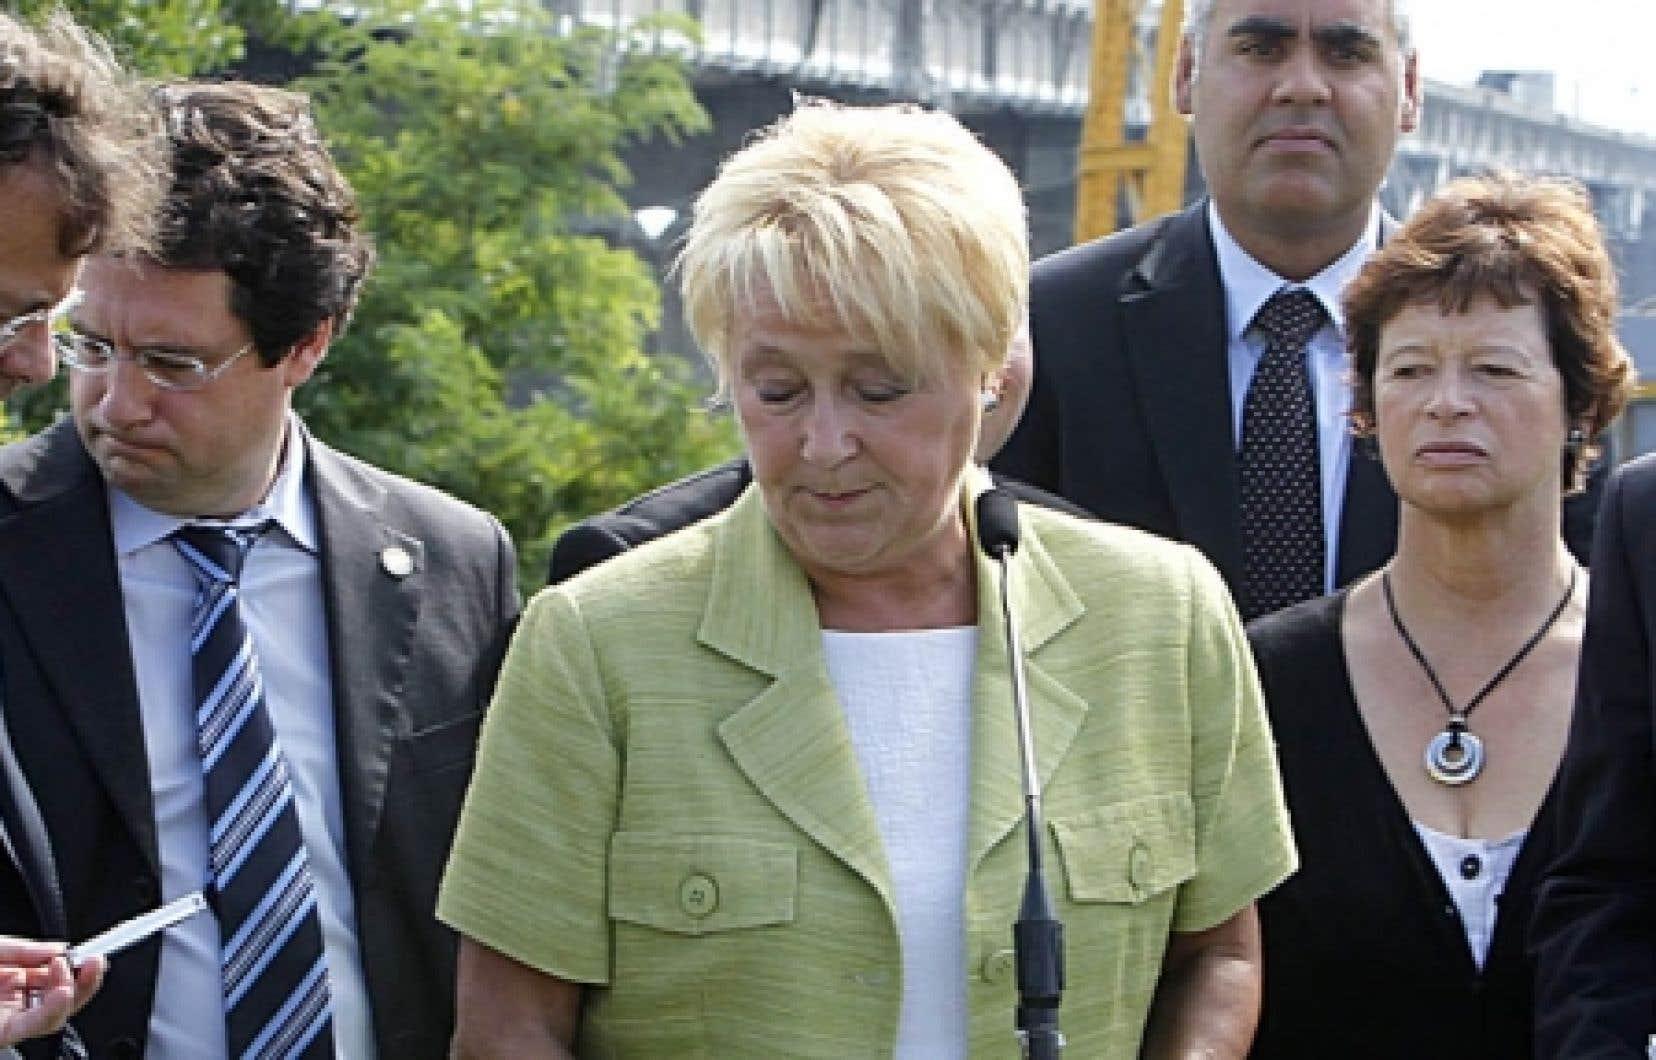 Depuis la démission fracassante de quatre députés phares du Parti québécois en juin dernier, le mouvement souverainiste se déchiquette tout en appelant à l'unité. Sur la photo, la chef du PQ, Pauline Marois, entourée de quelques membres de sa députation, au moment de réclamer, cette semaine, une intervention du fédéral dans la réfection du pont Champlain.